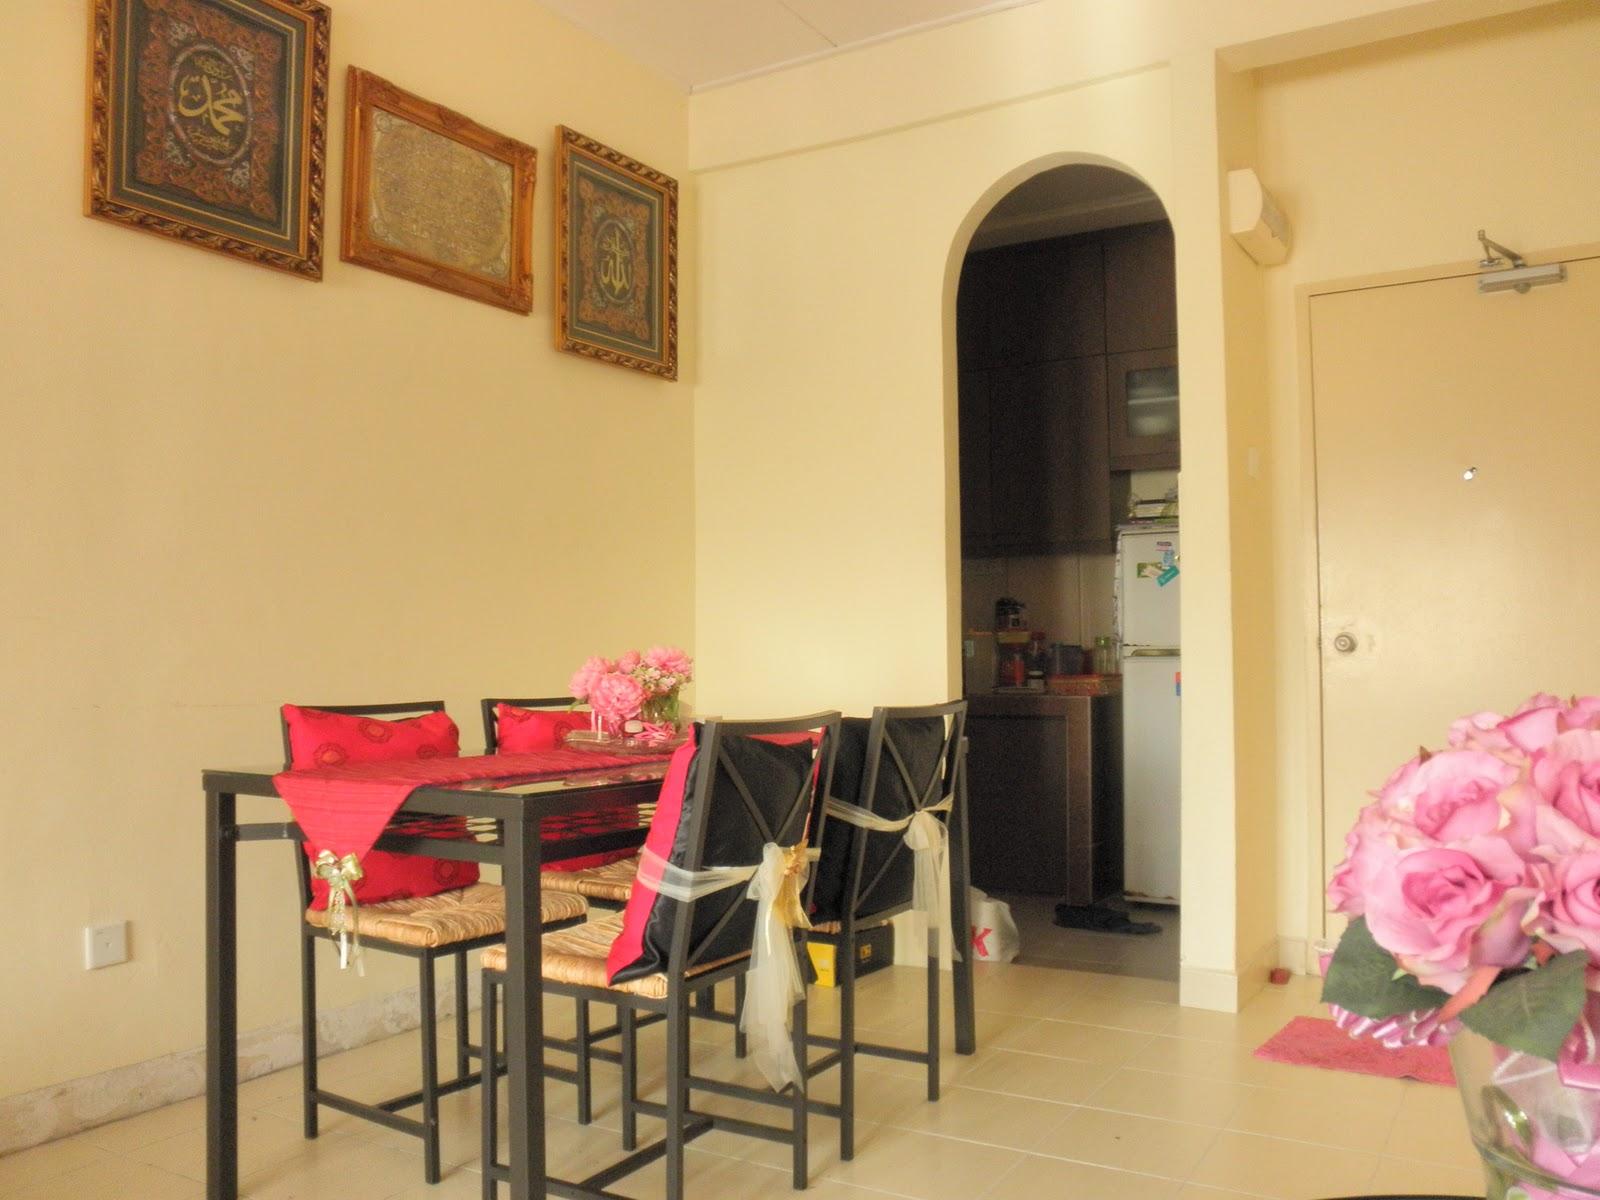 Warna Cat Tembok Yg Bagus Untuk Ruang Tamu Elegan | Share The ...